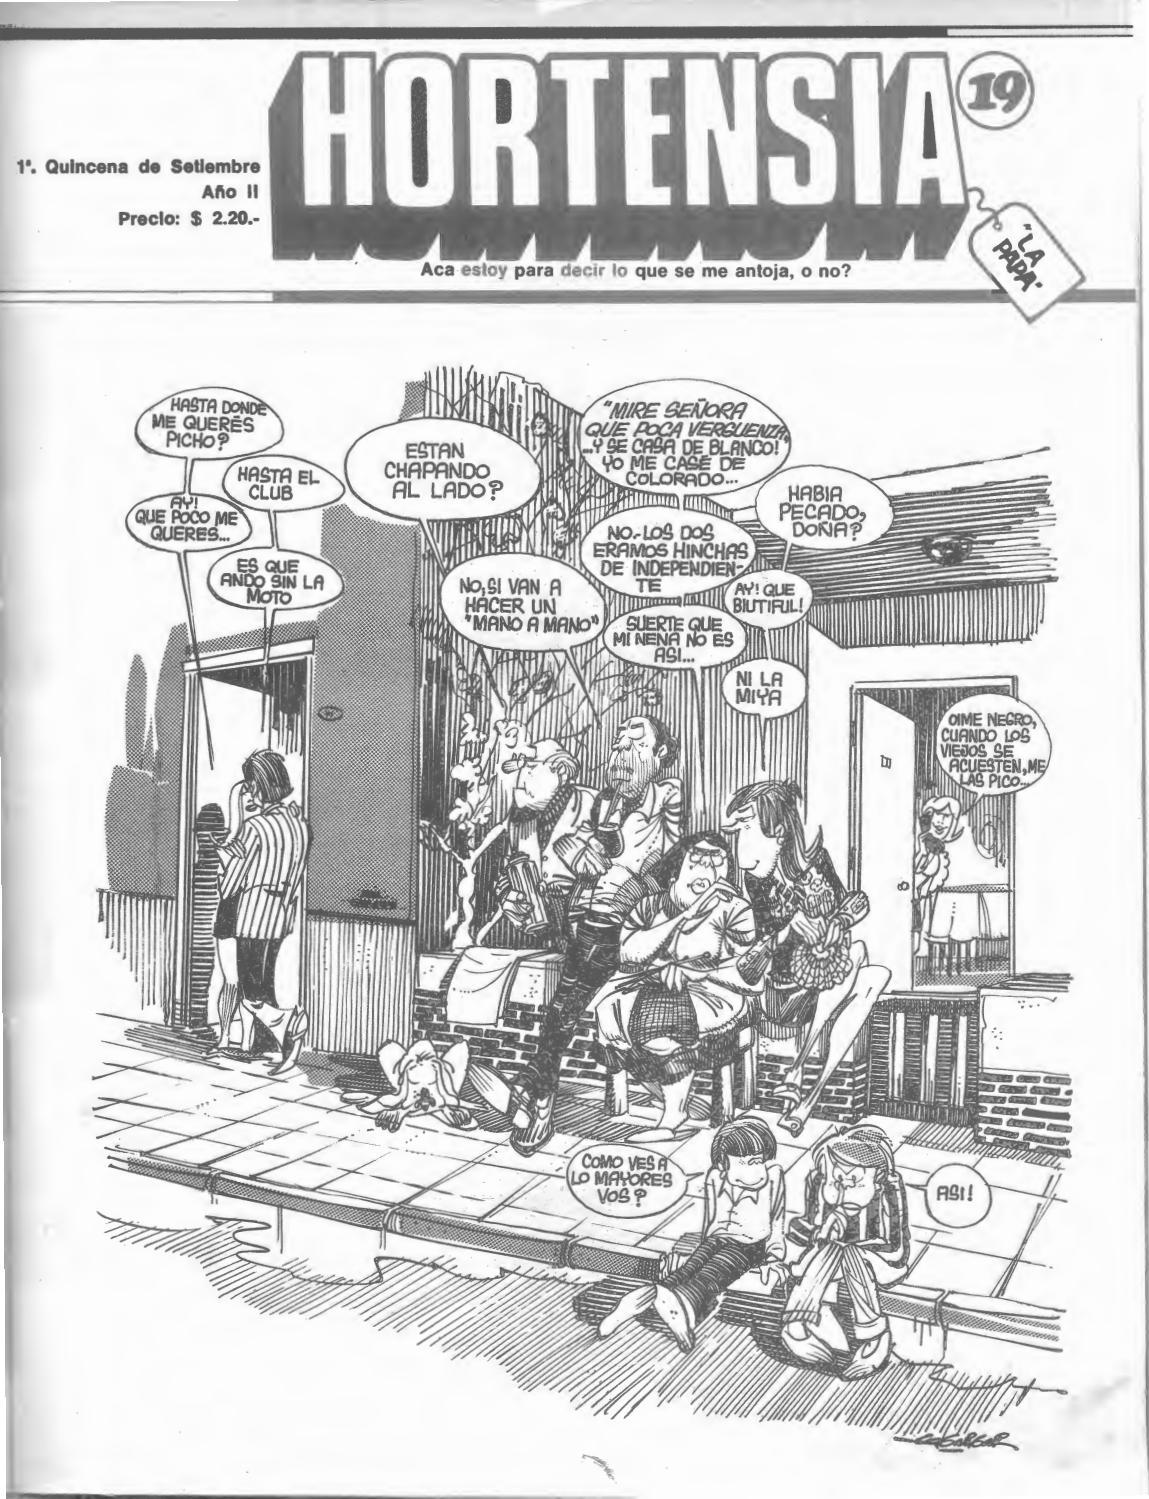 Revista (19) by elportaldehortensia - issuu